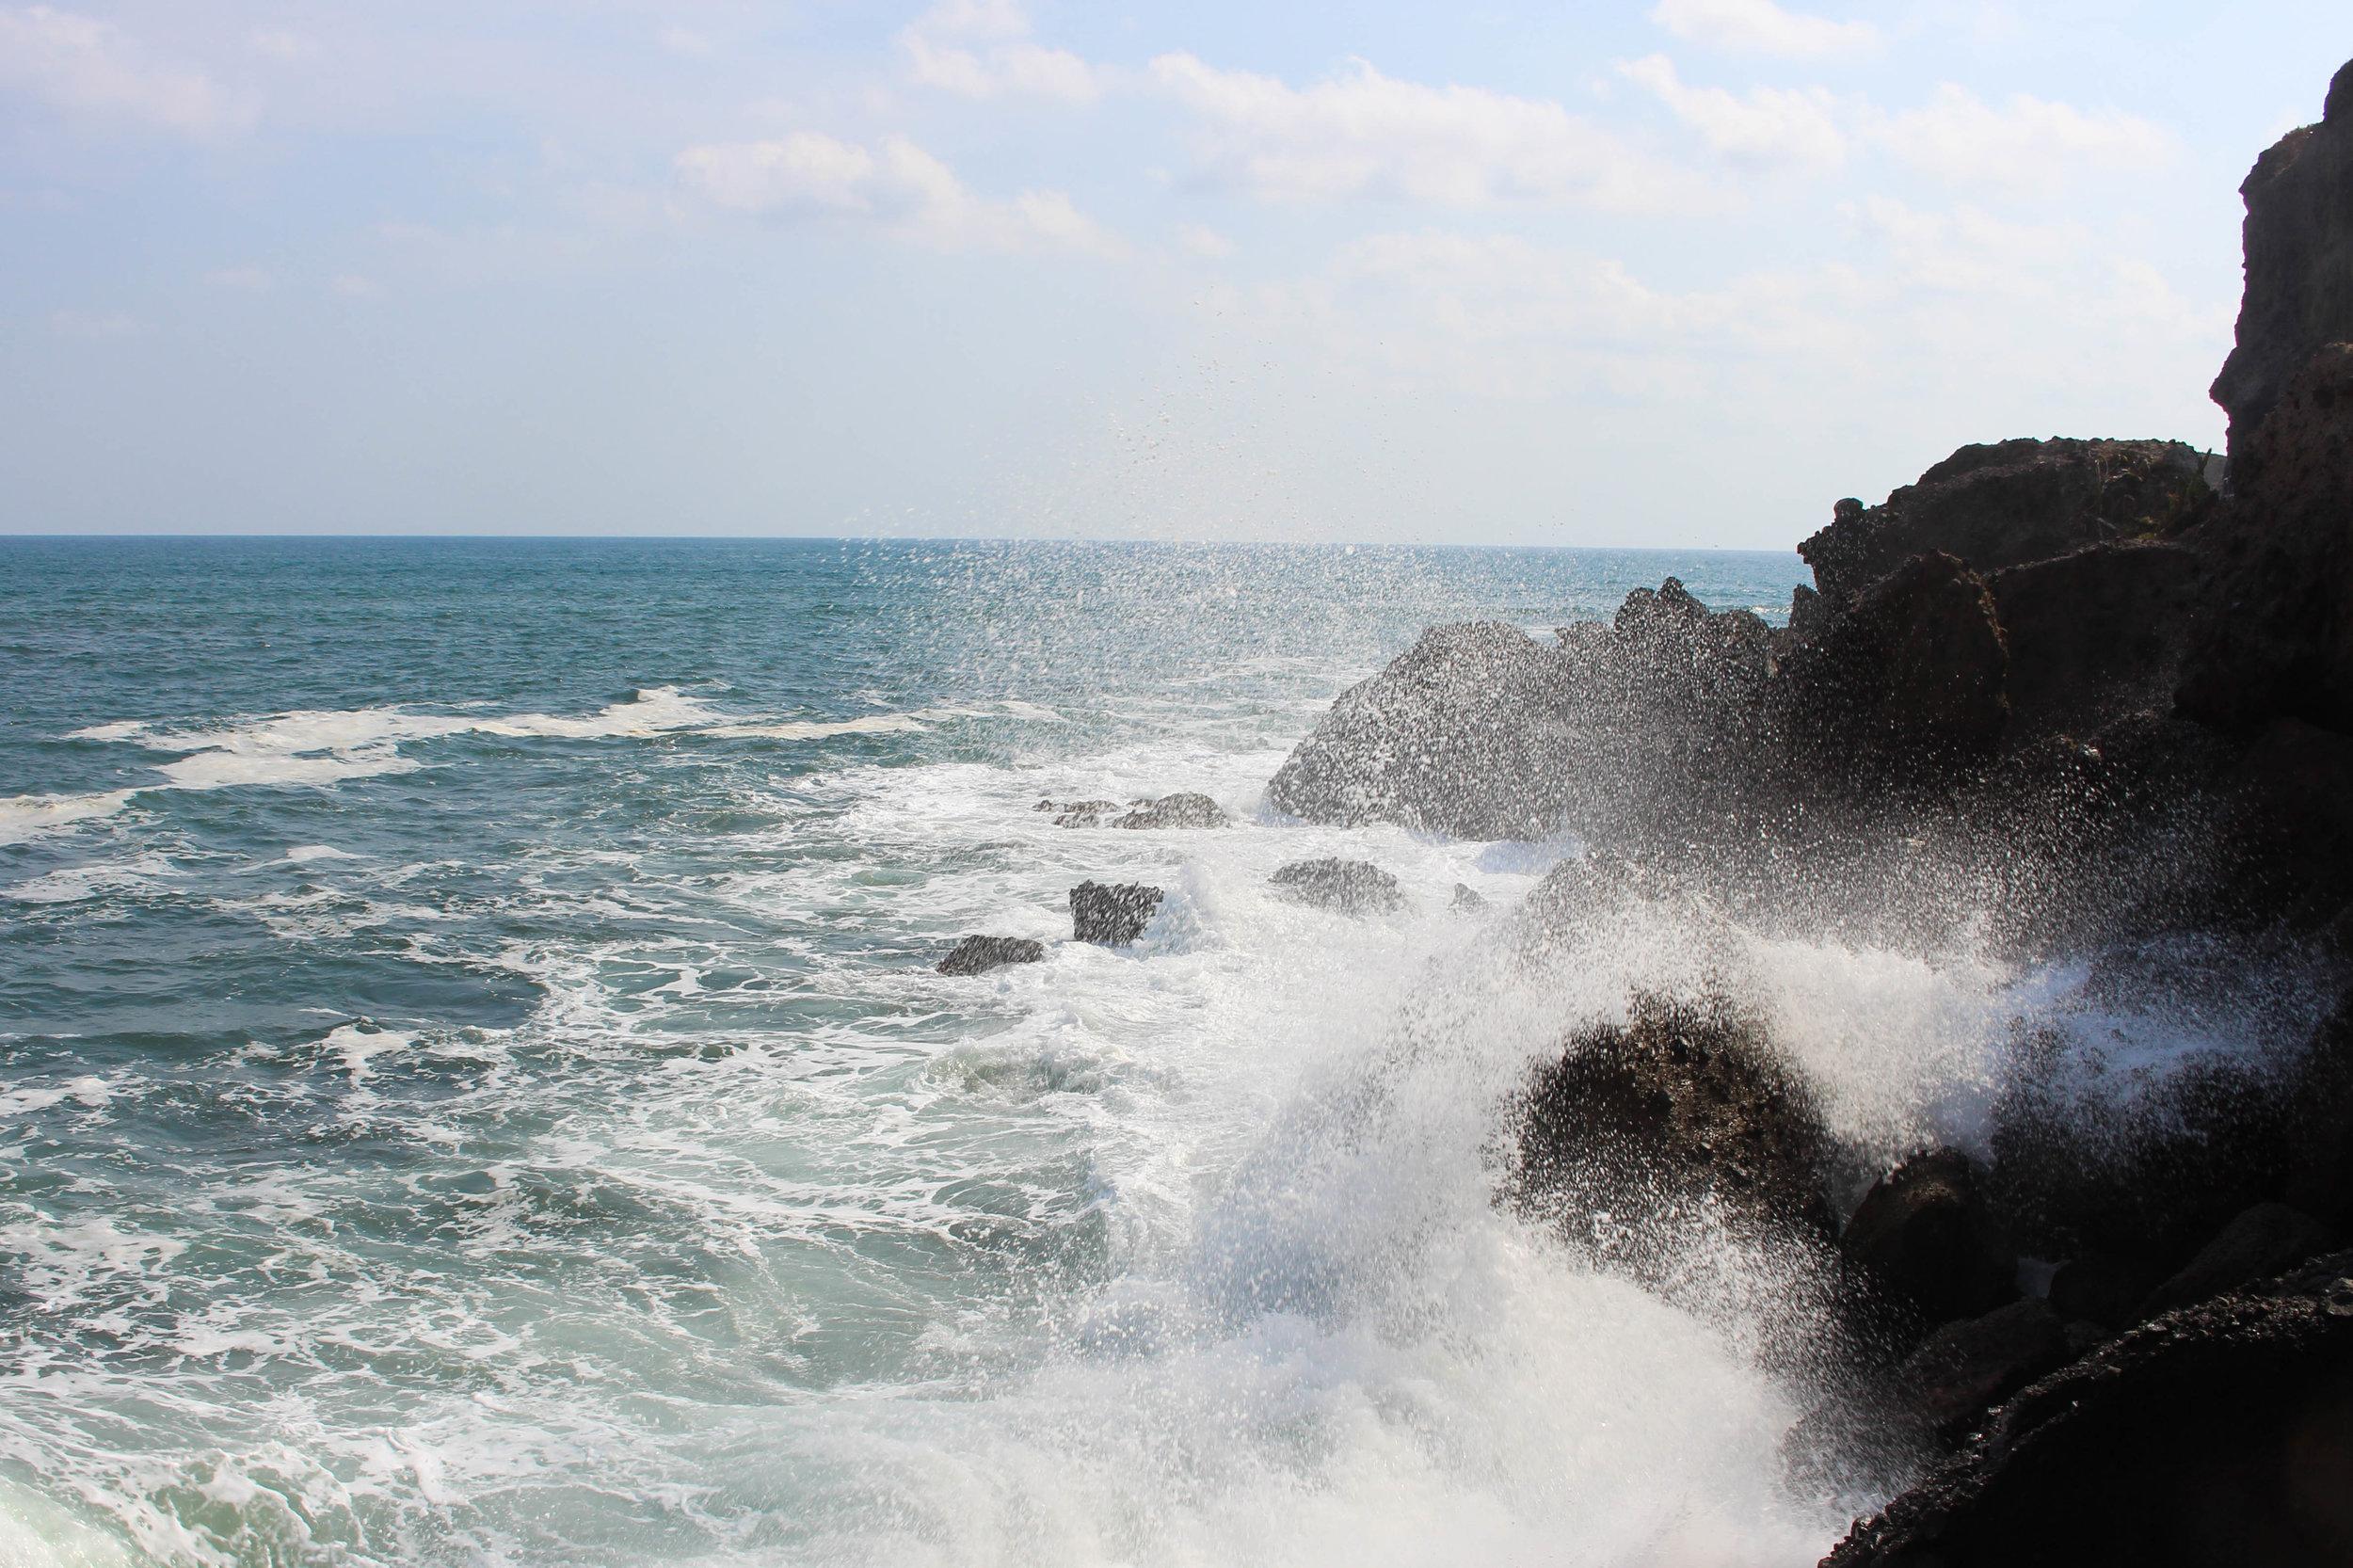 El tunco- rocks and waves splash molicules--NatalieNehlawi.jpg